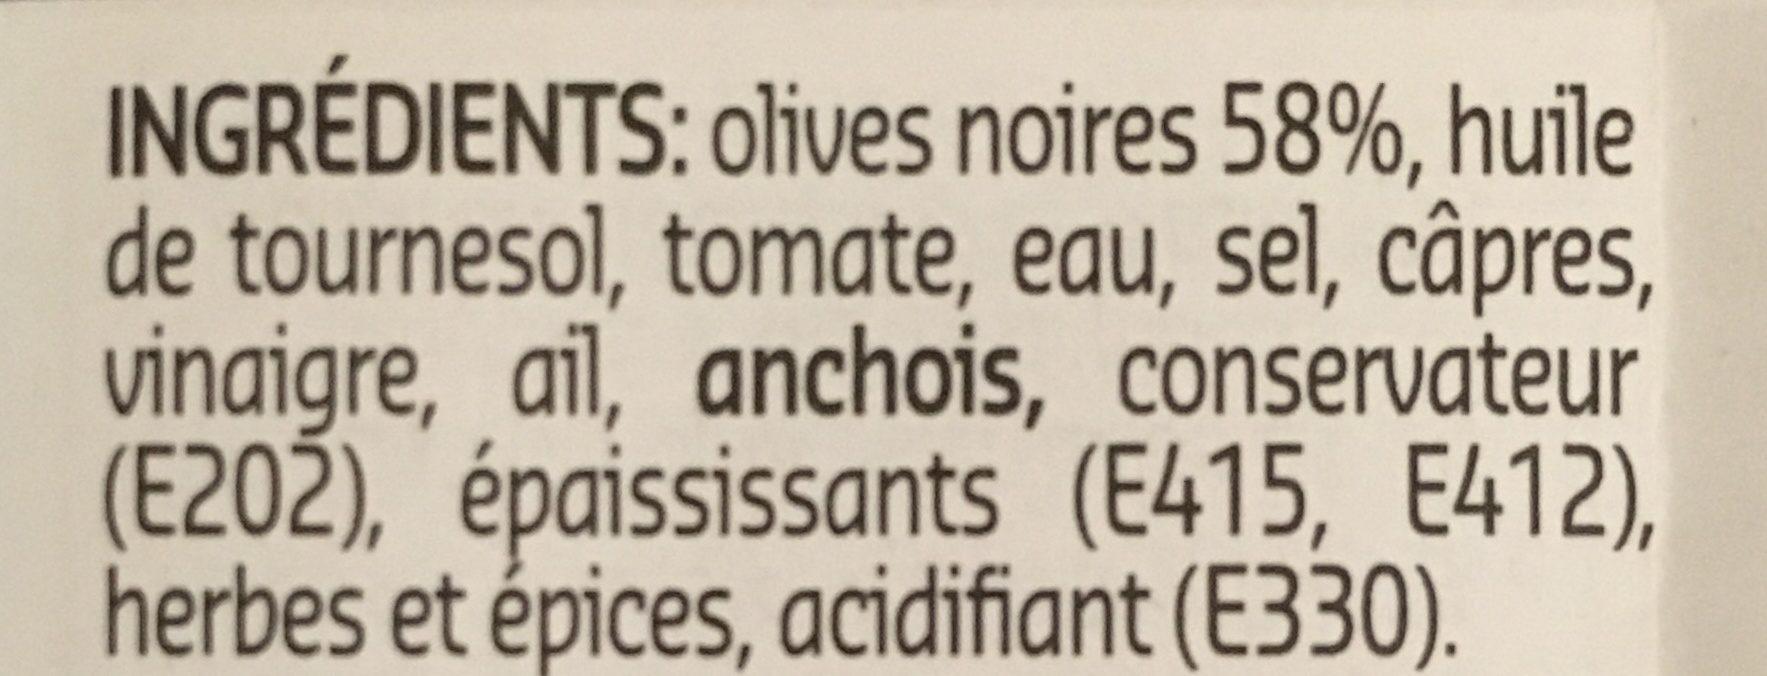 Tapenade olives noires - Ingrédients - fr